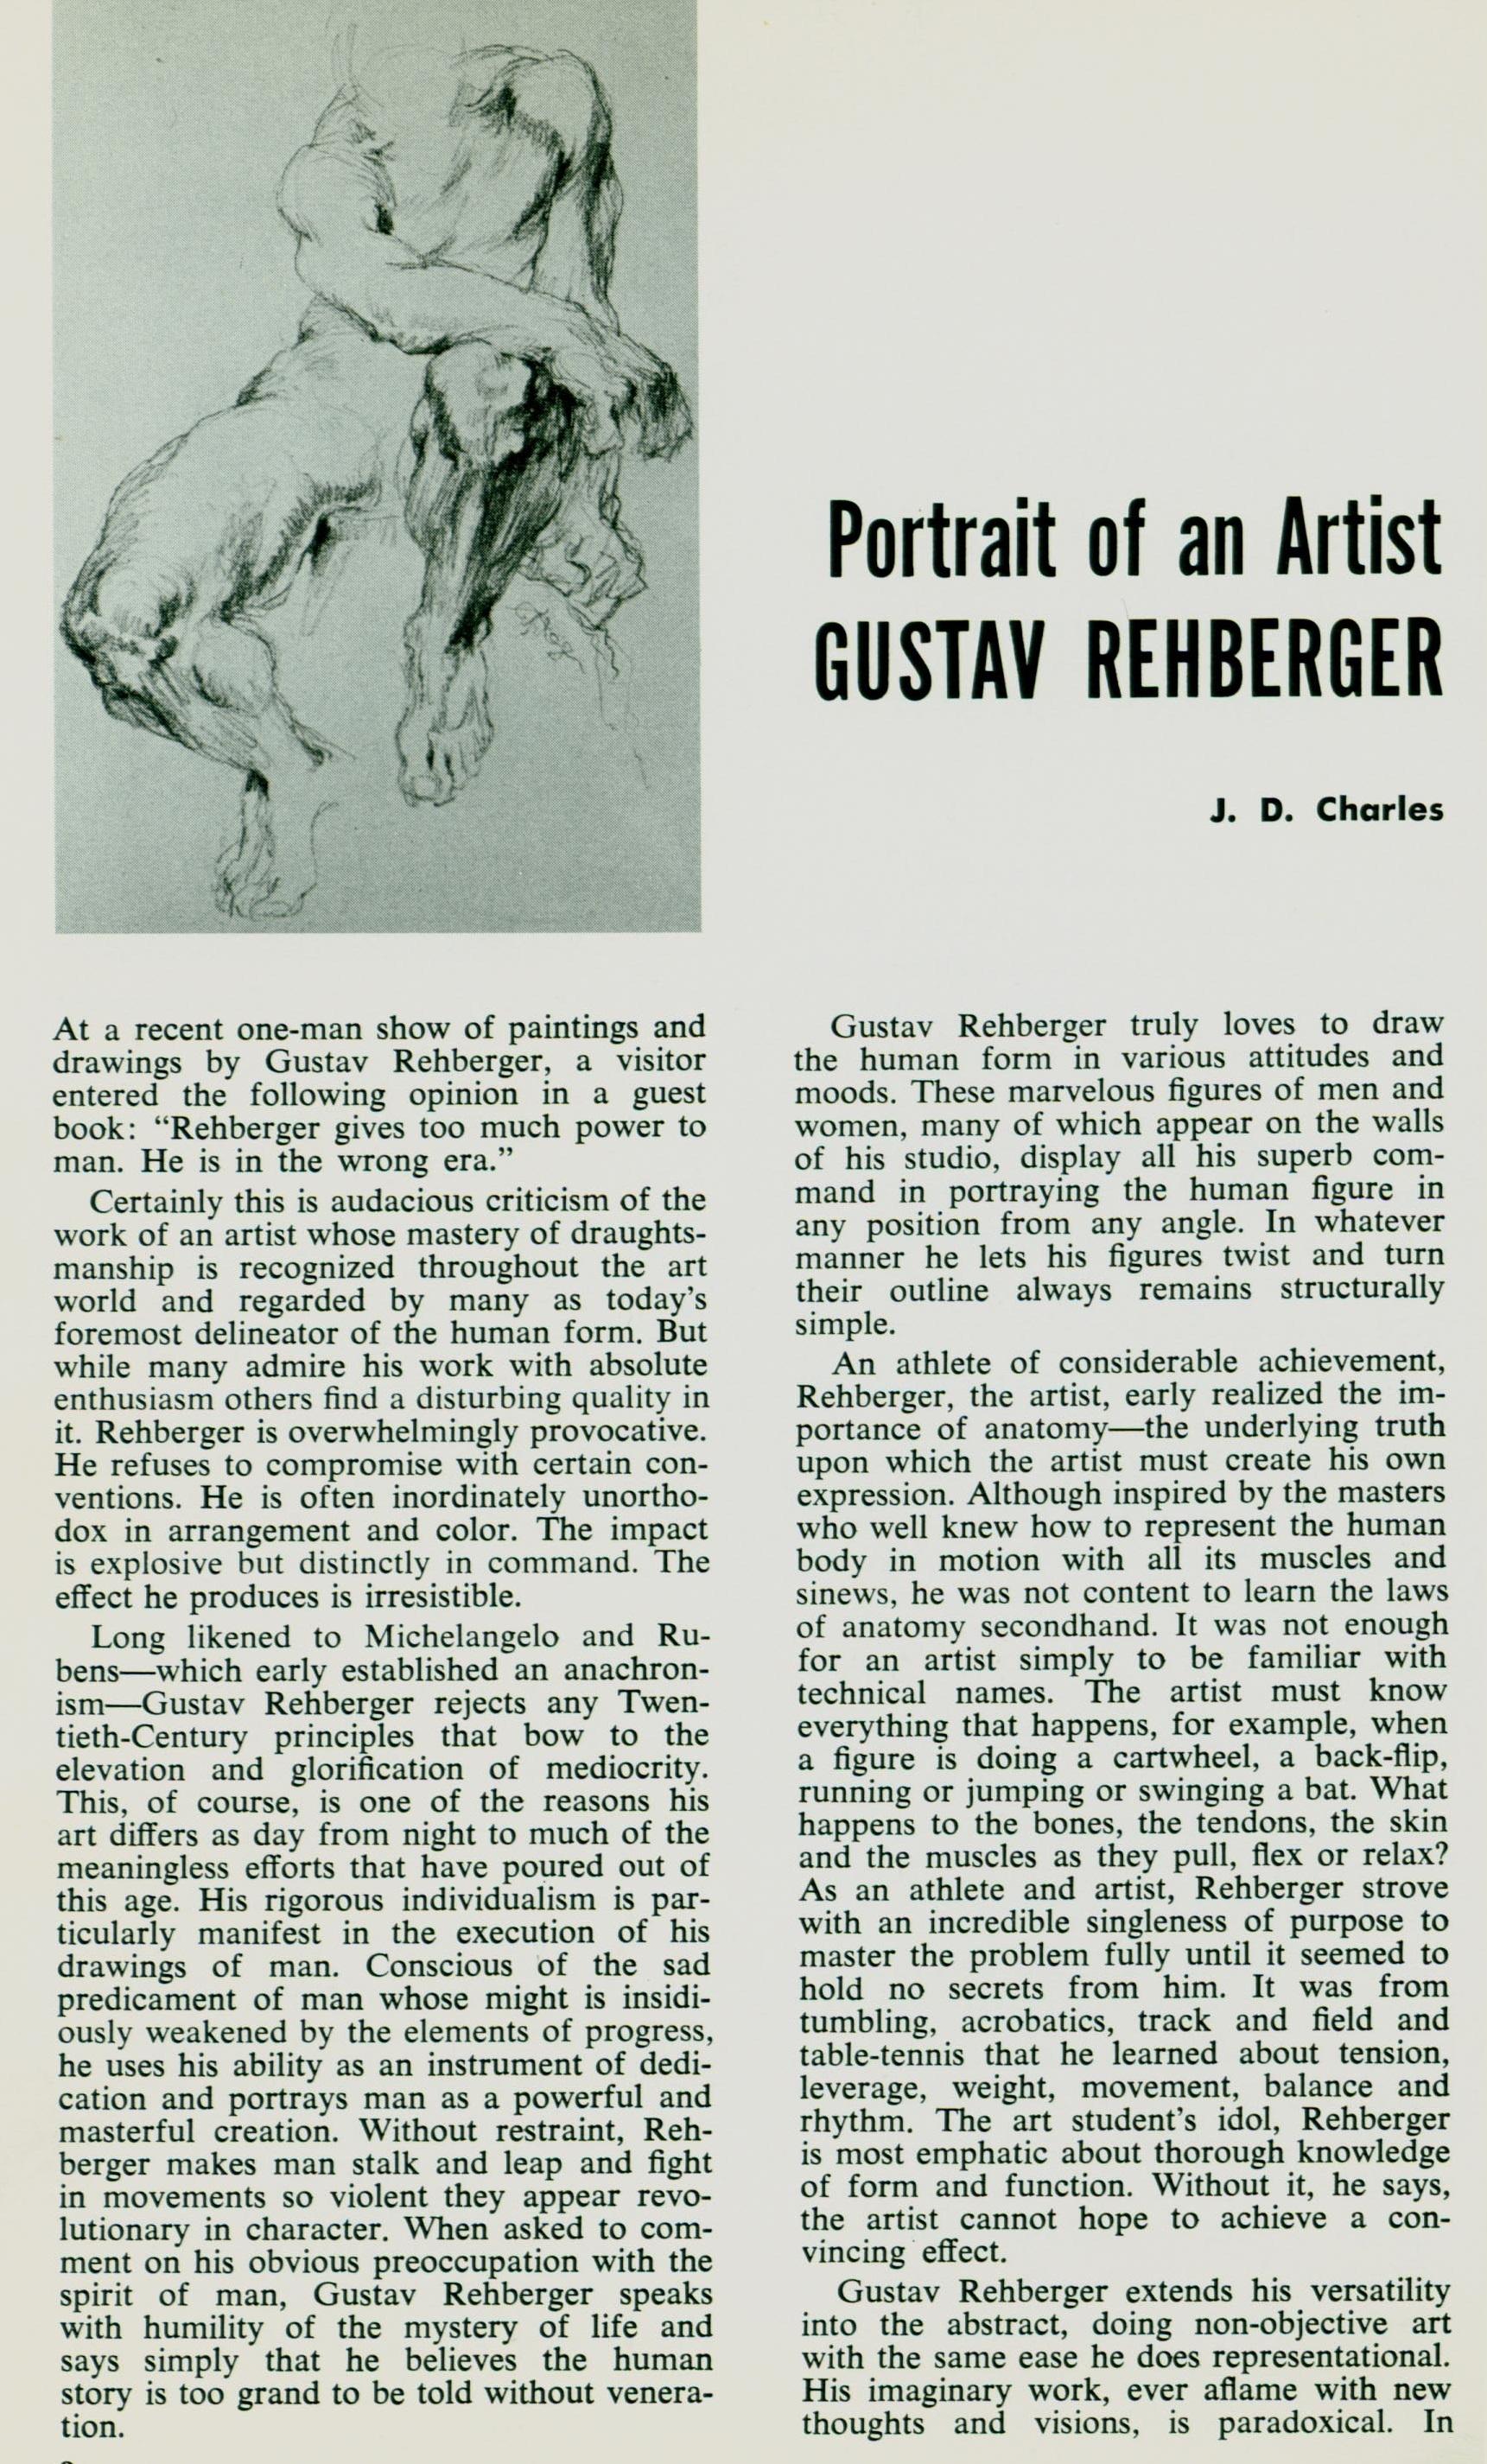 Portrait+of+an+Artist+First+Half.jpg